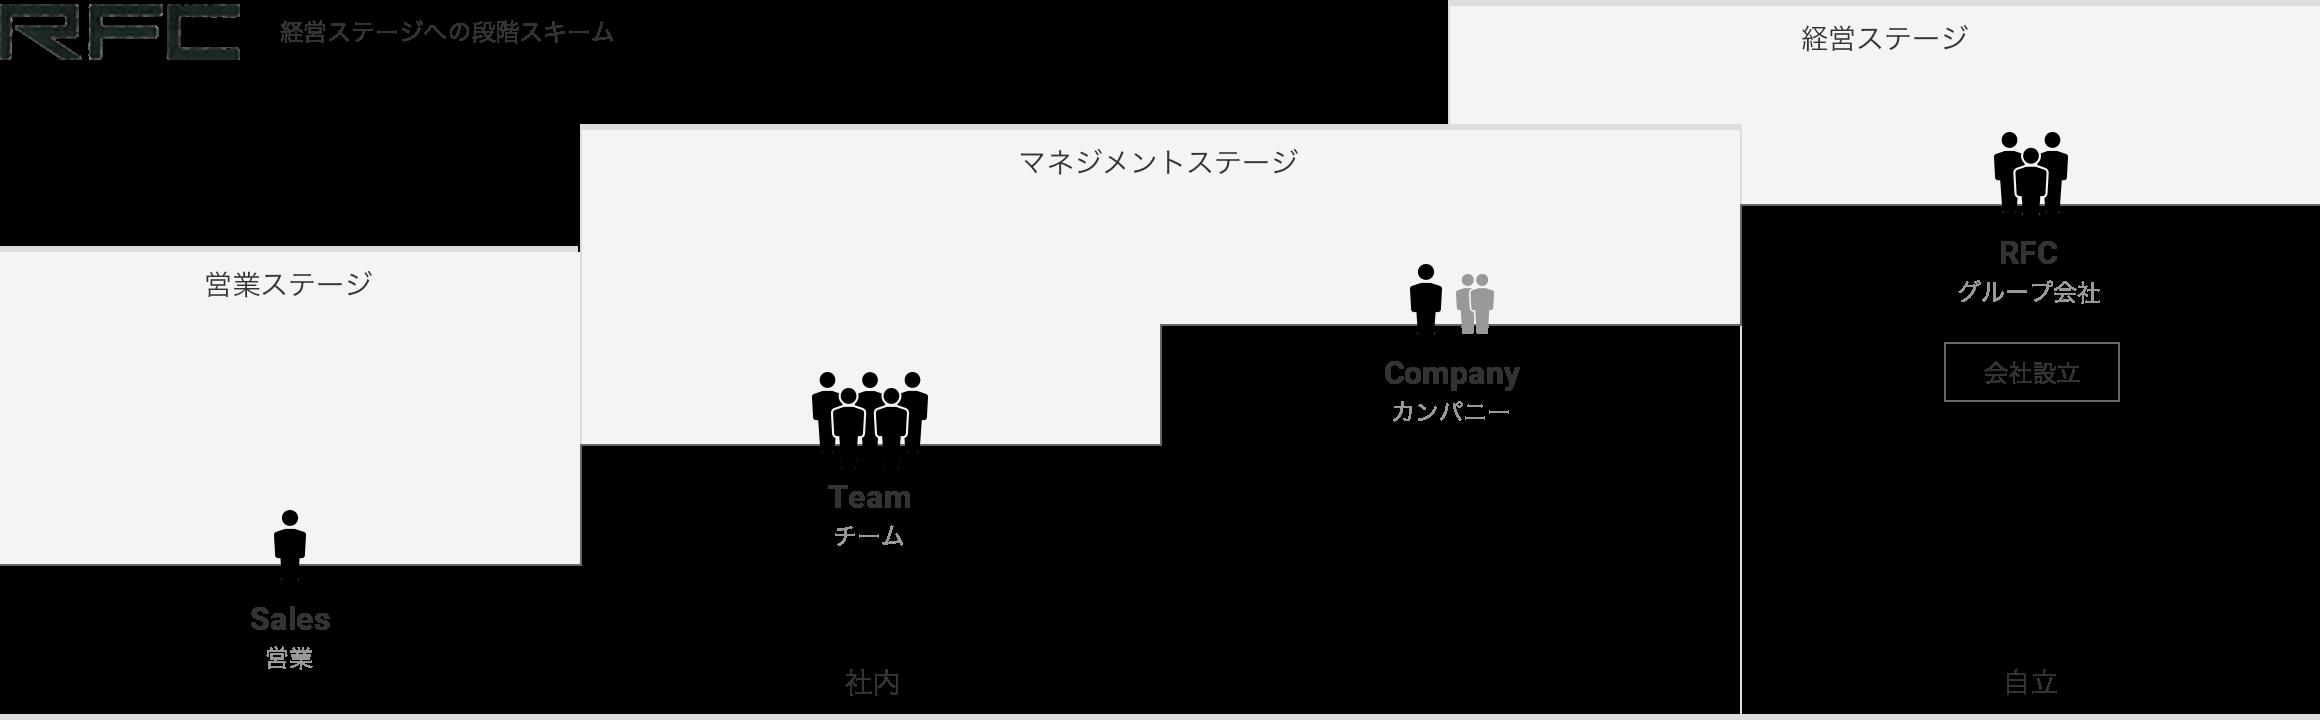 経営ステージへの段階スキーム図